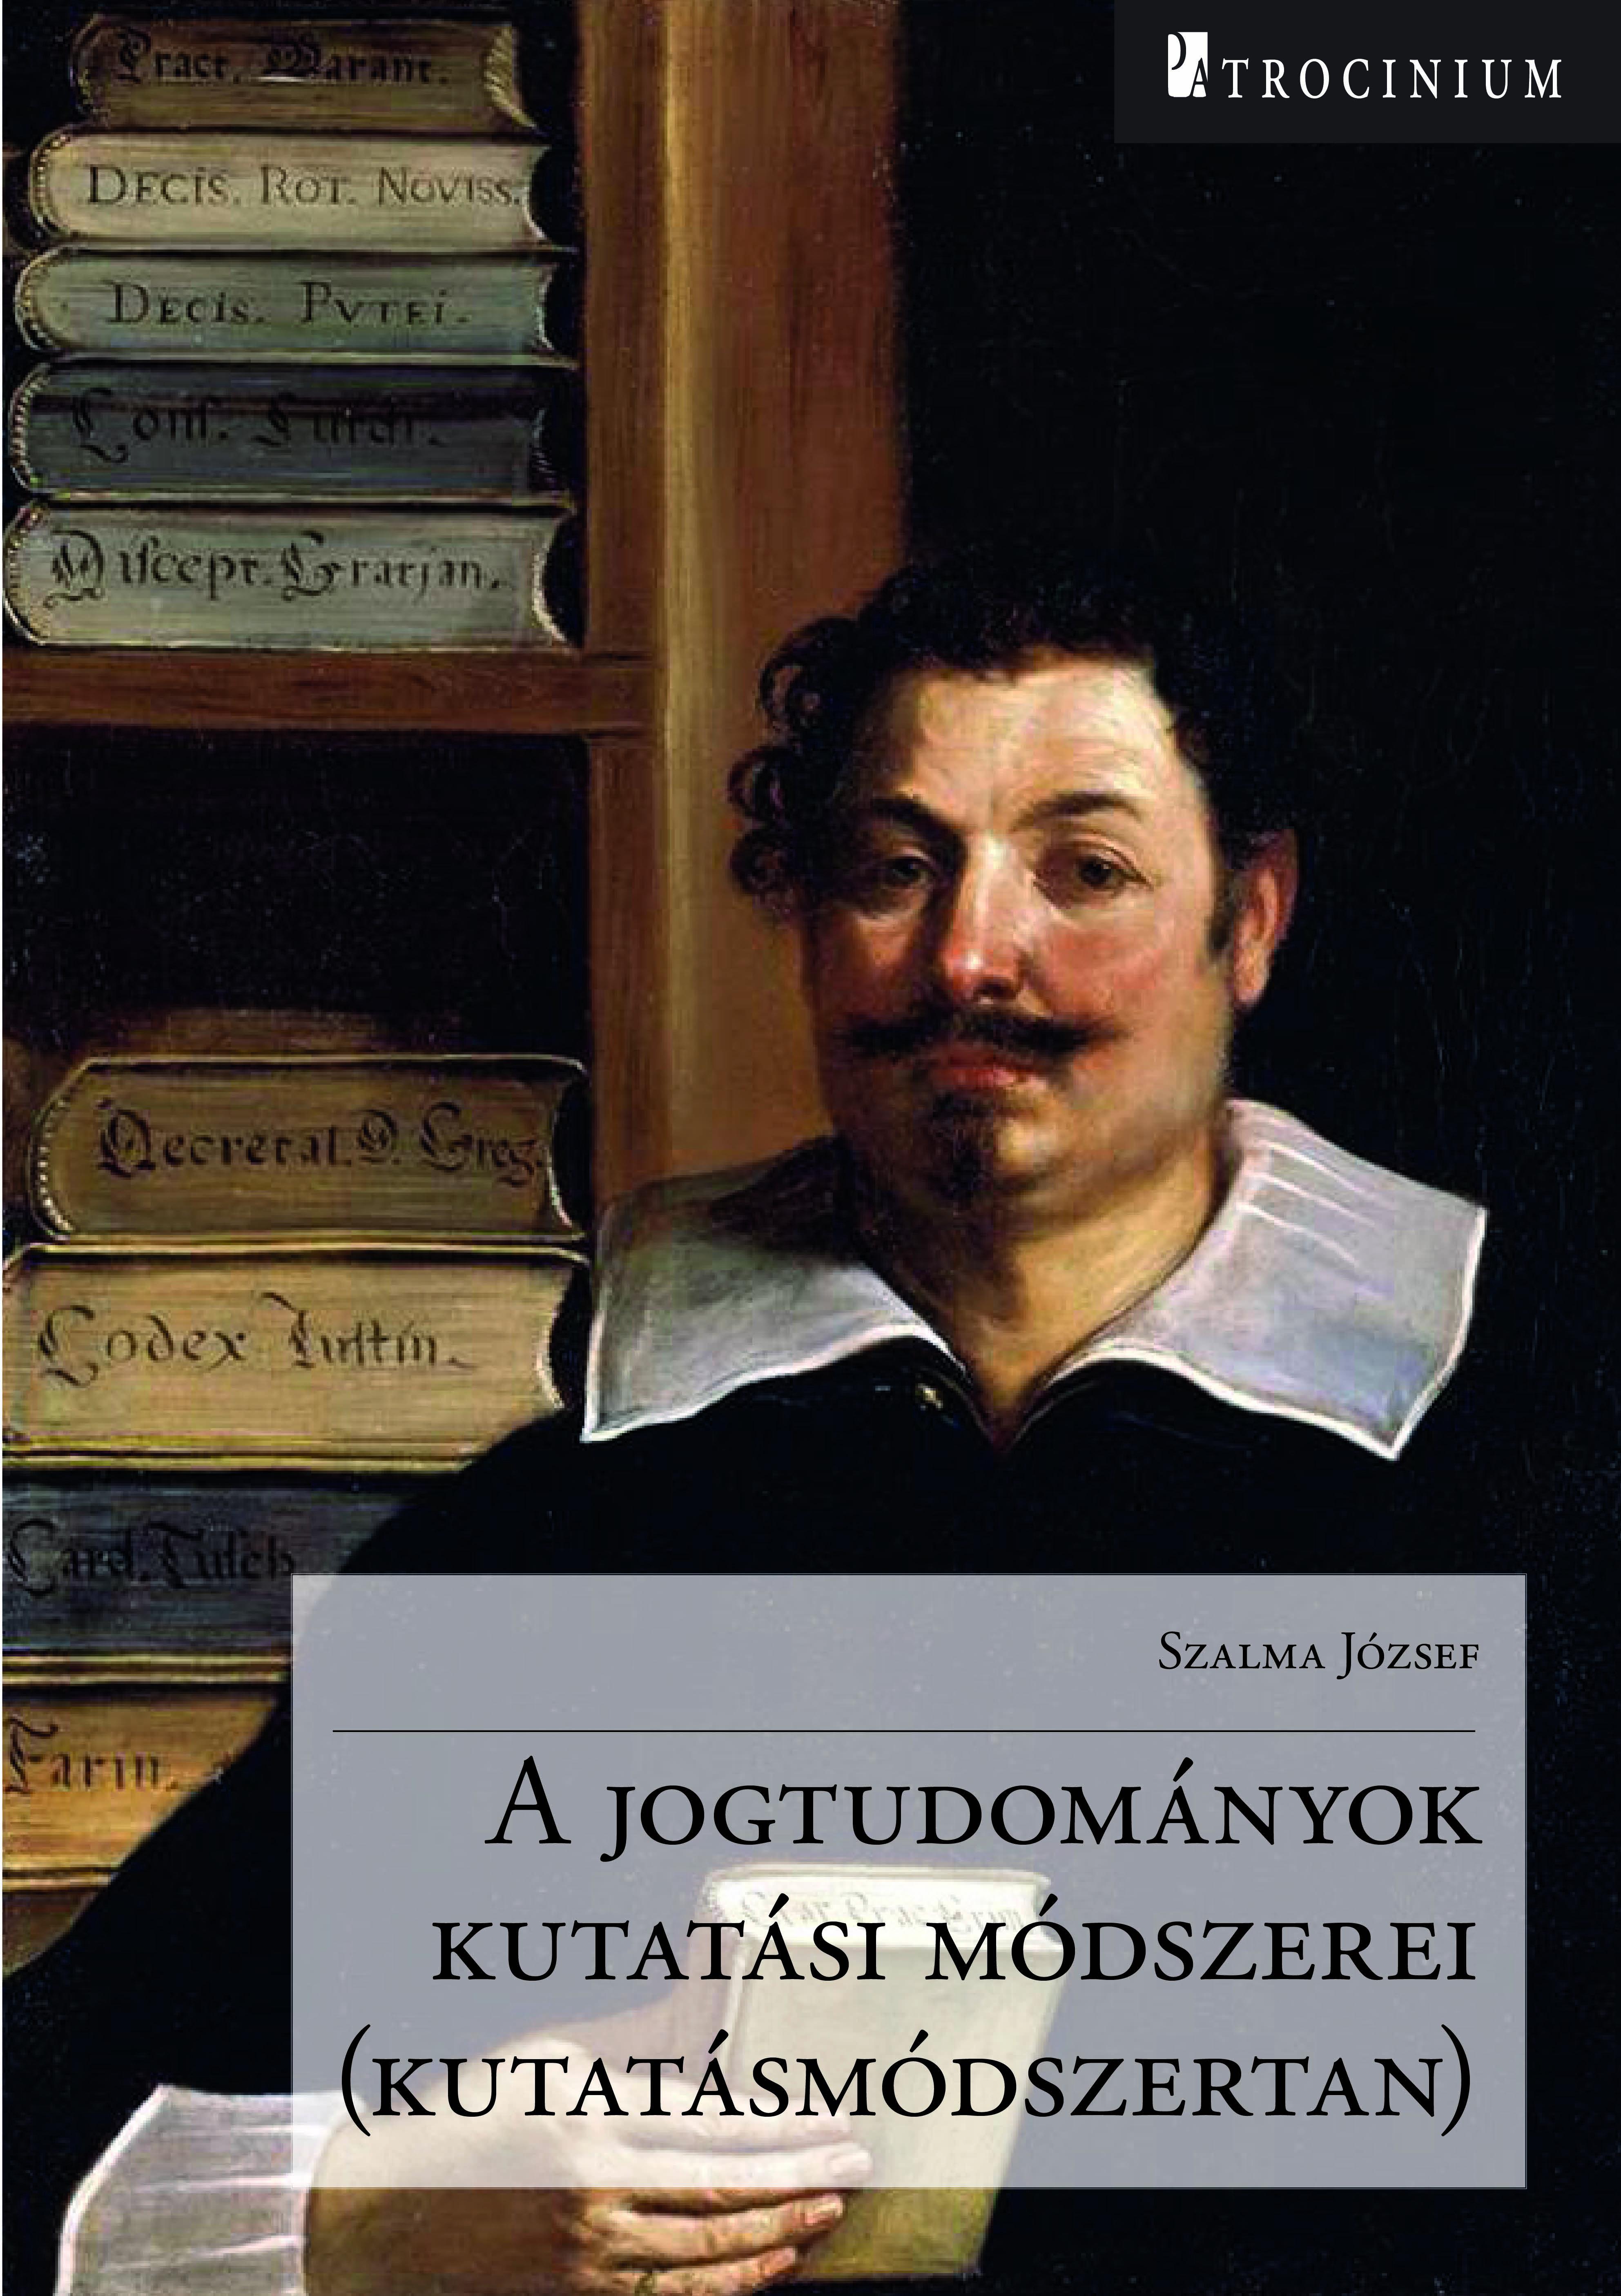 Magyar Artroszkópos Társaság On-line